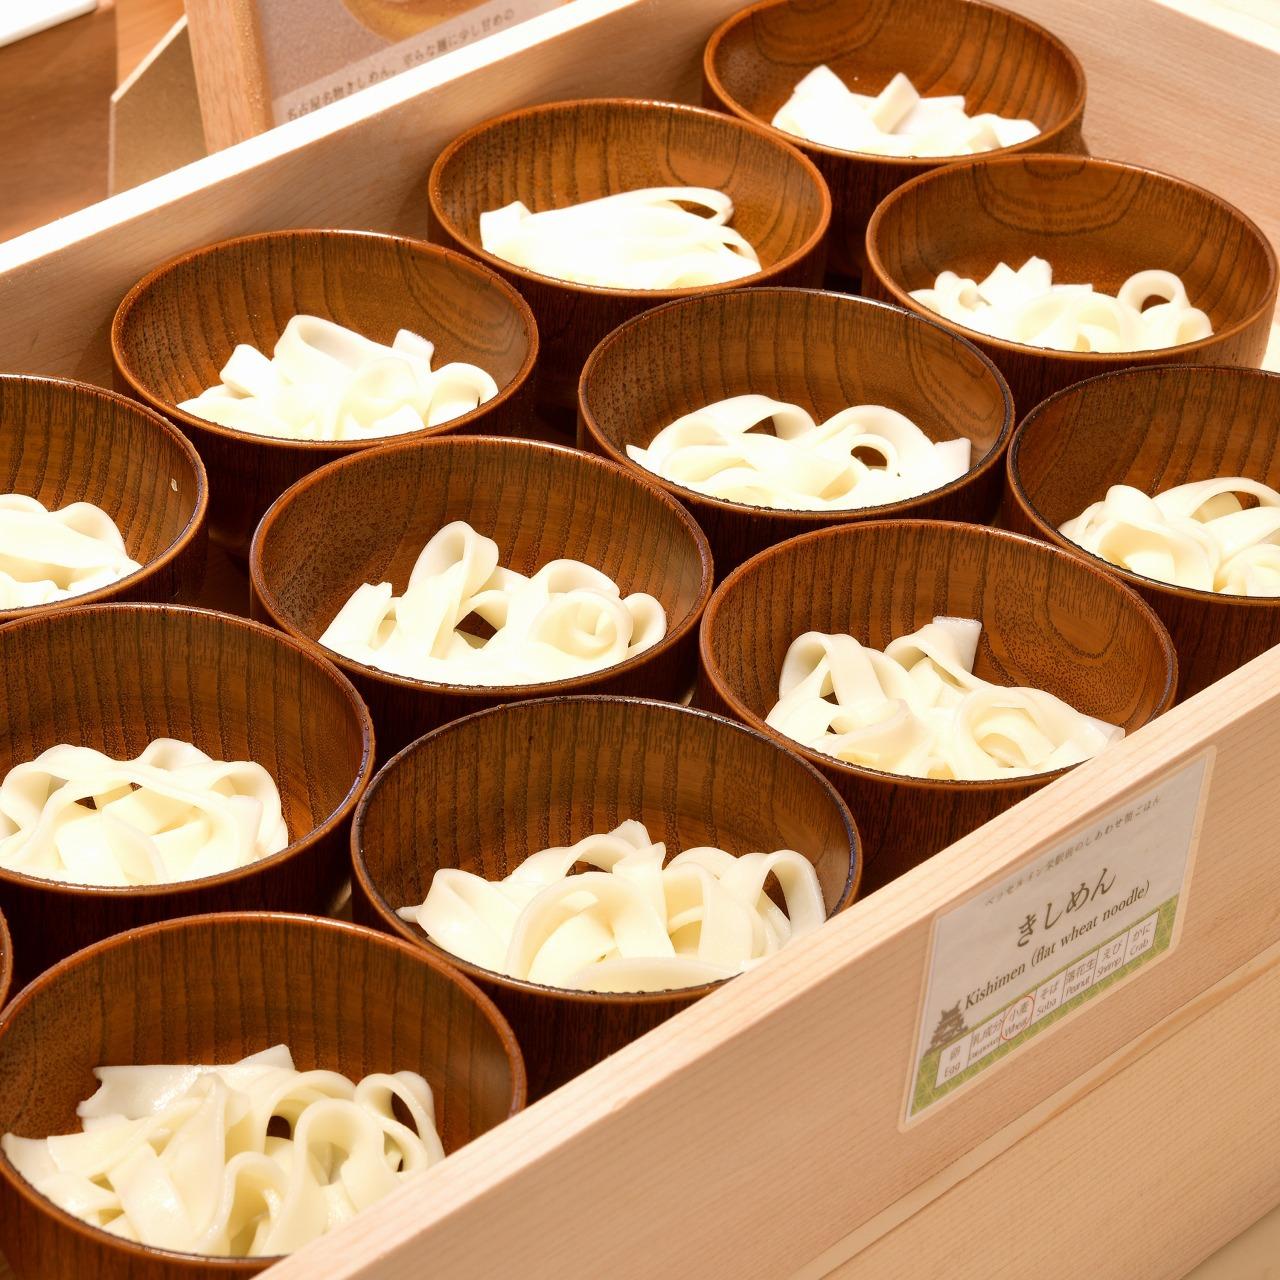 【名古屋名物 きしめん】平たな麺に少し甘めのおだしが特徴です。朝ごはんにぴったりな優しい味わいです。